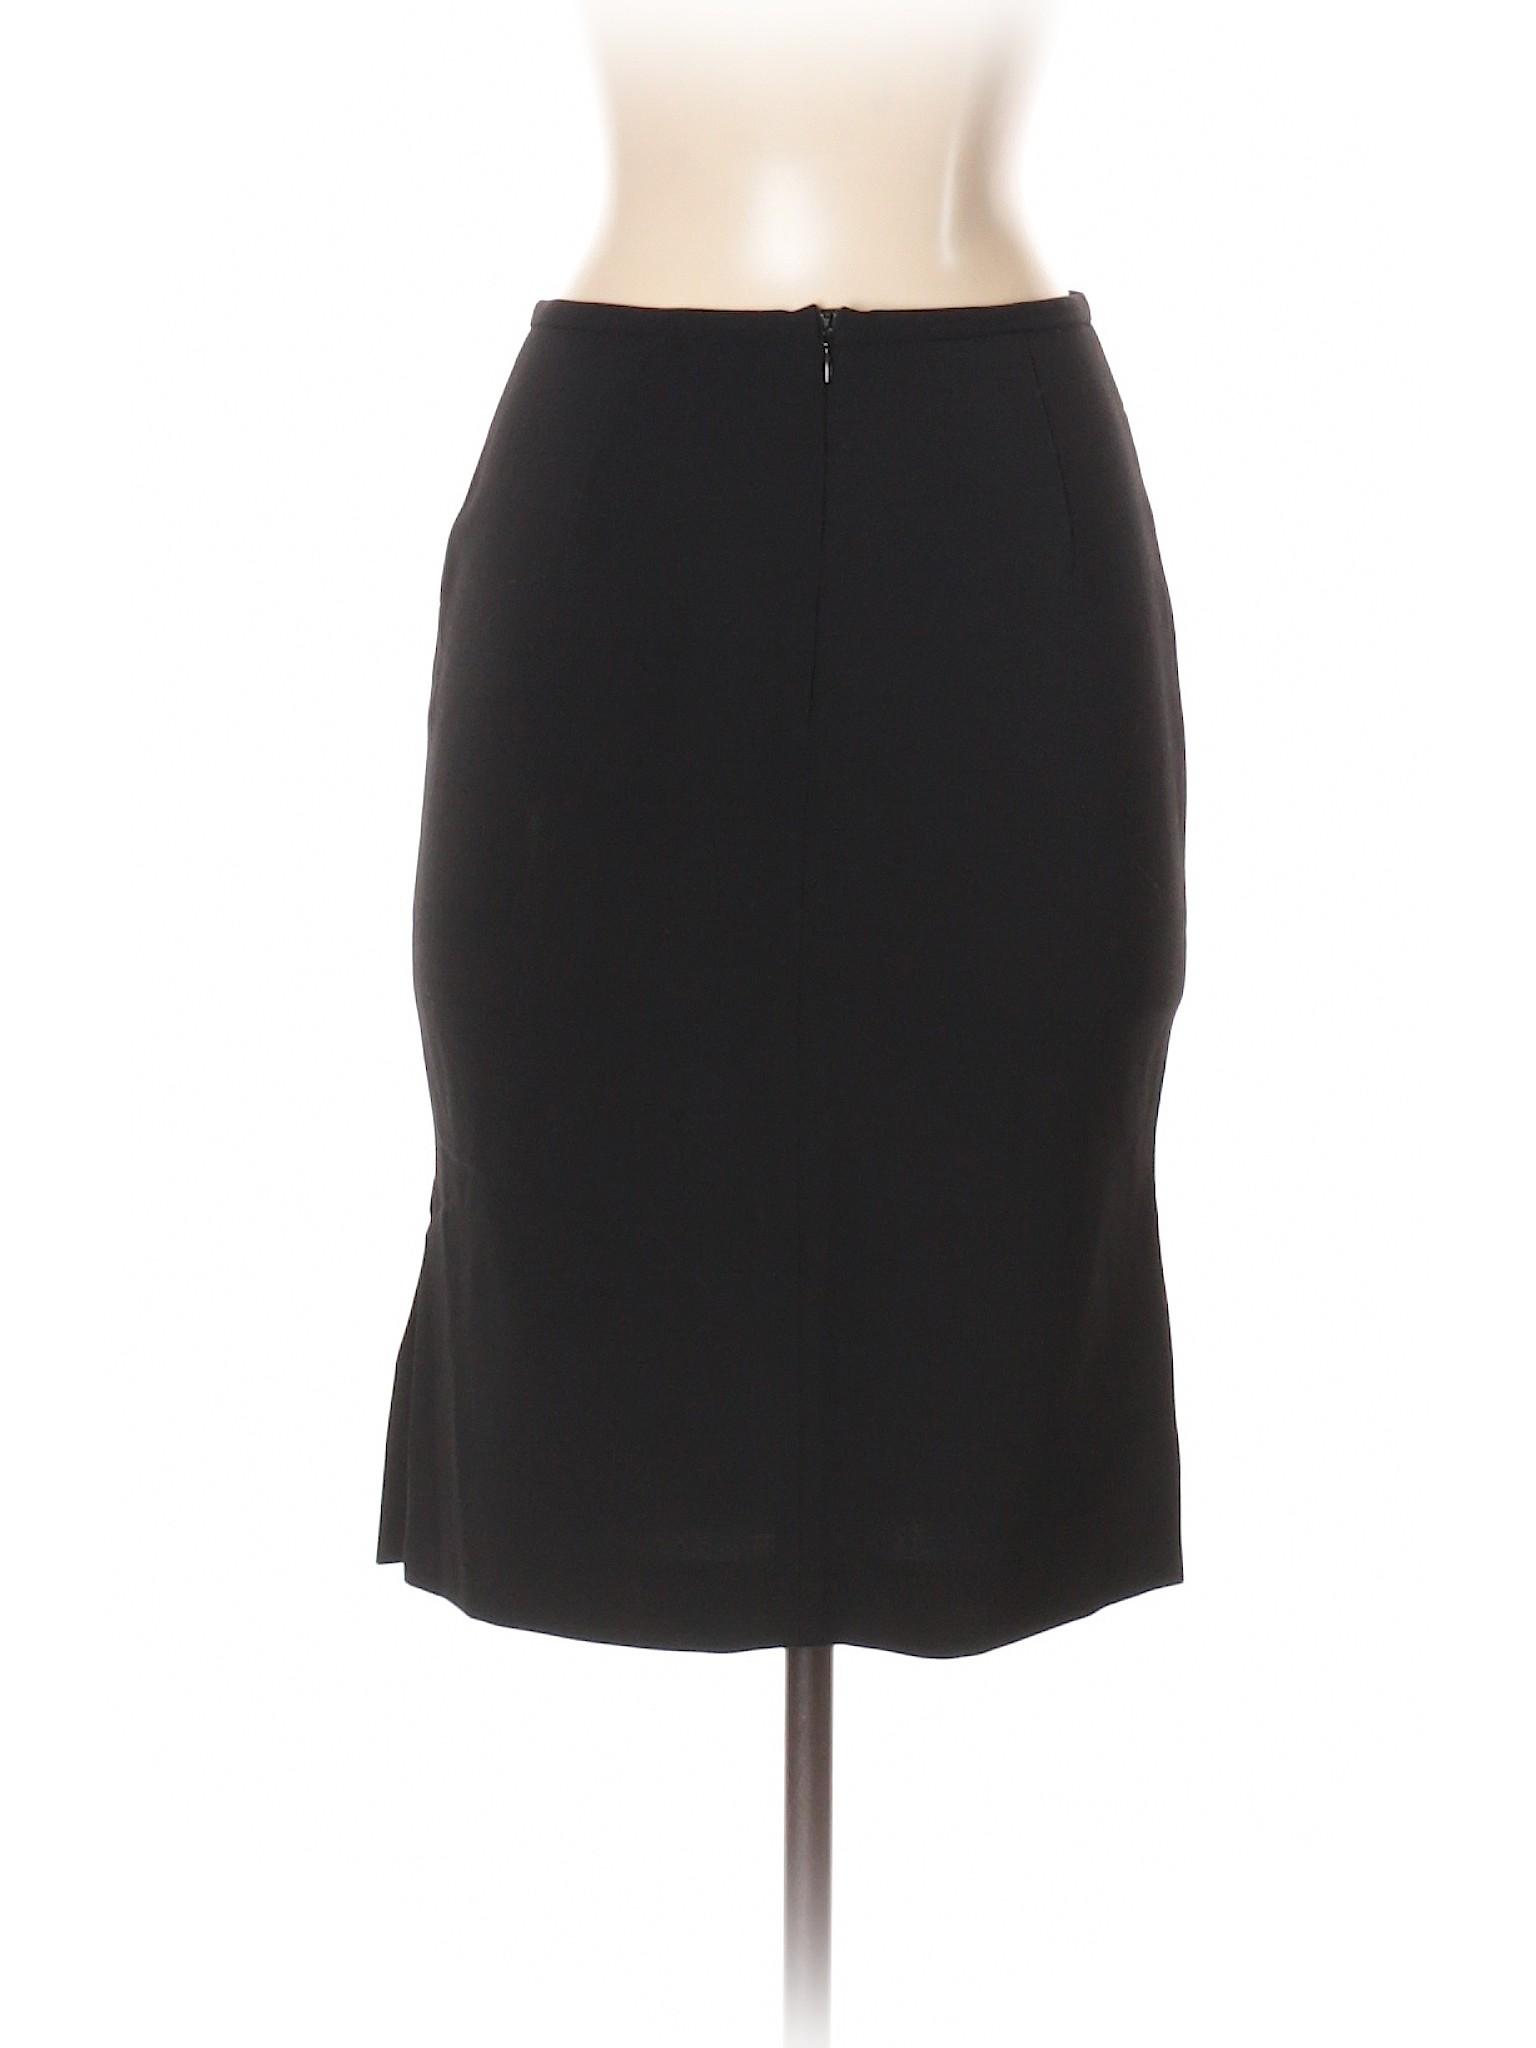 Skirt Armani Boutique Boutique Armani Emporio Casual Skirt Emporio Casual pxwBEqdtd